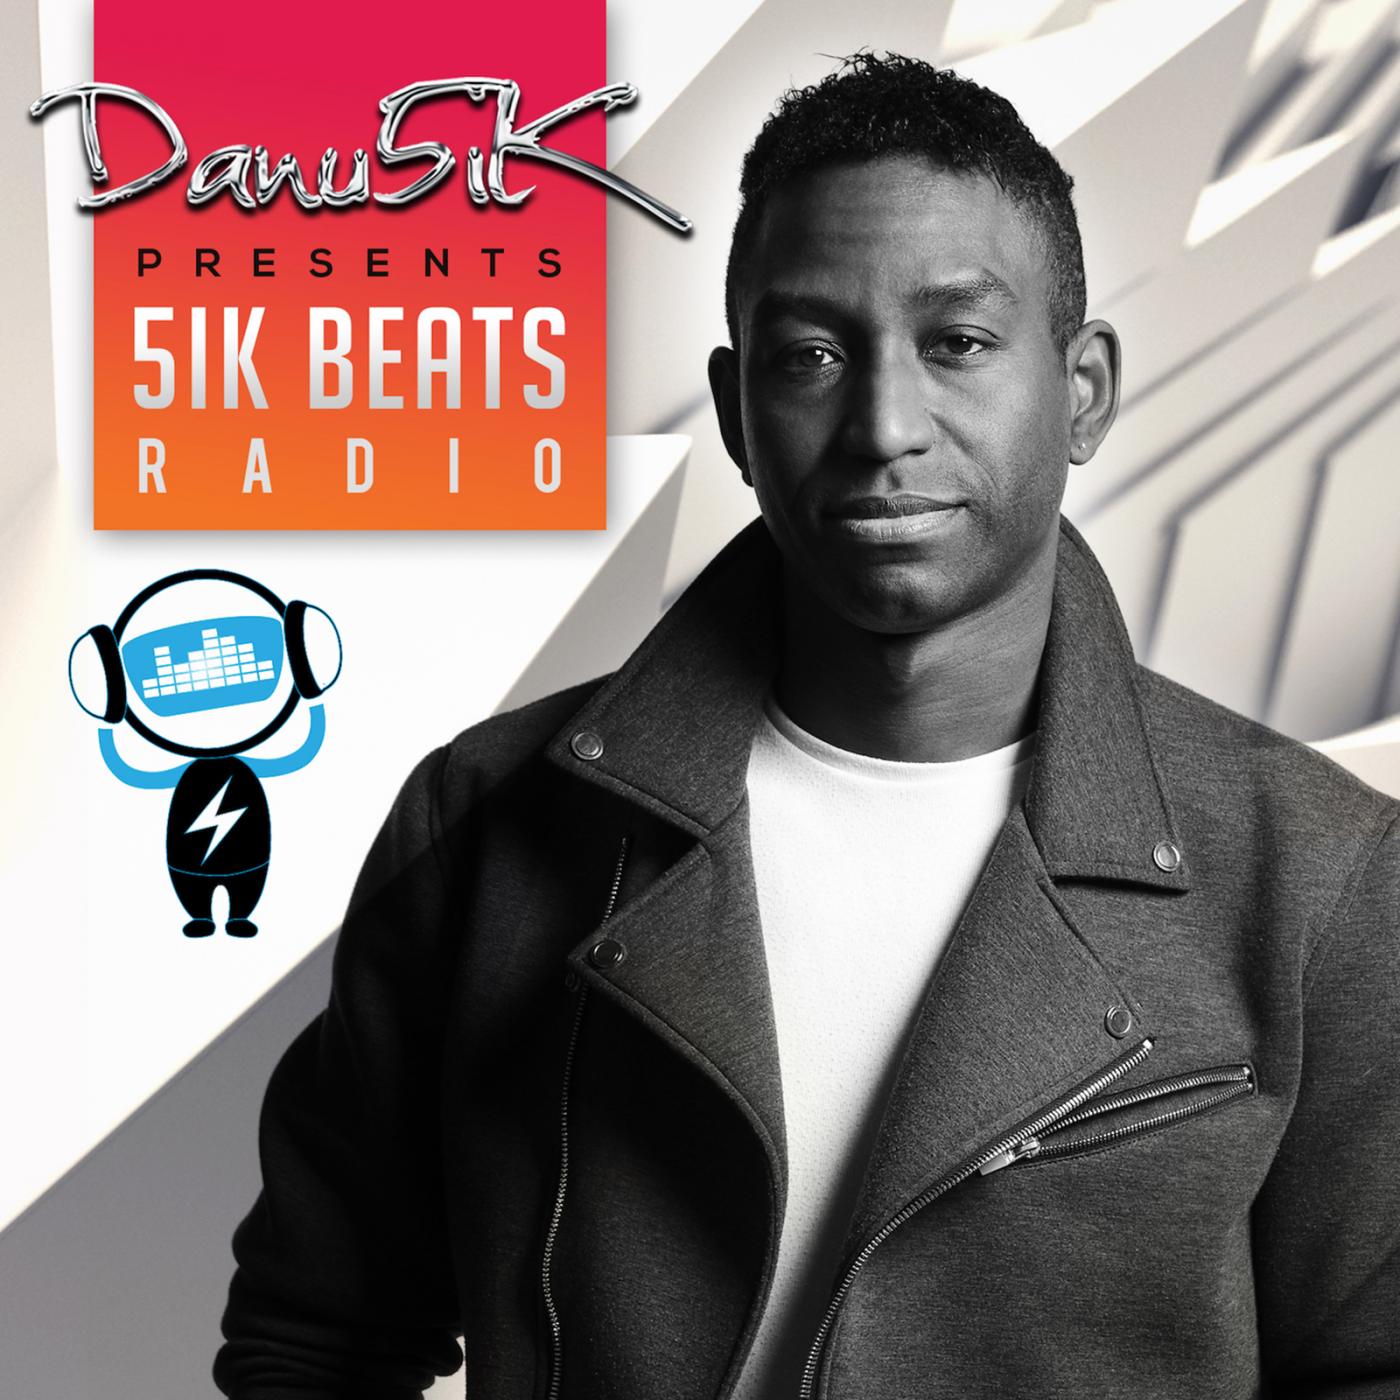 5ik Beats Radio 092 | Danu5ik